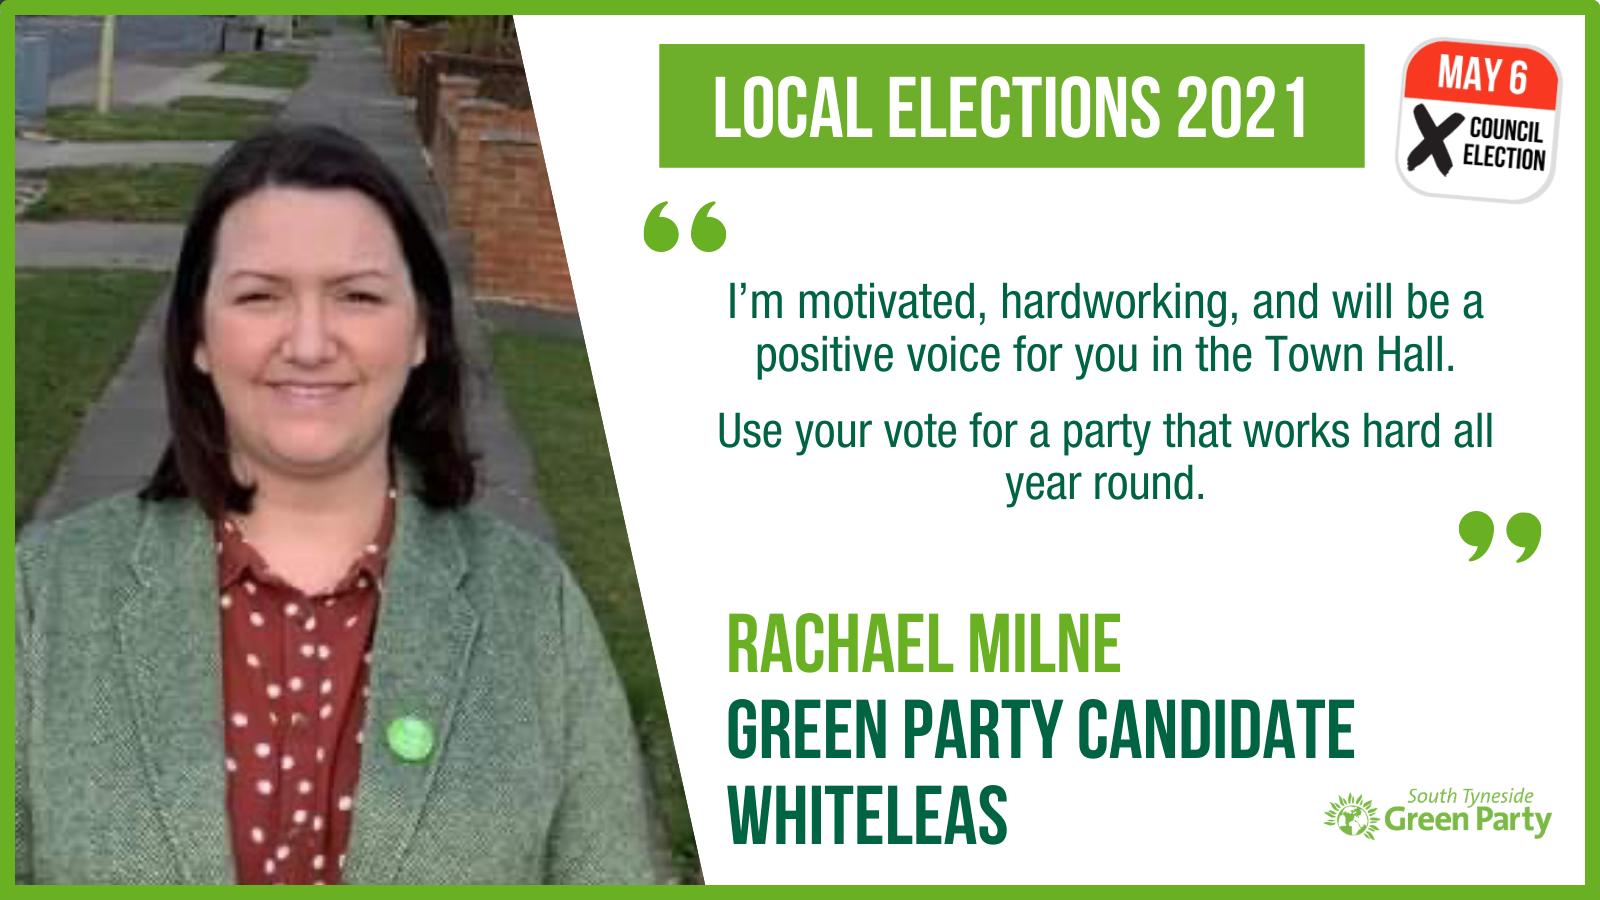 18. Rachael Milne Whiteleas